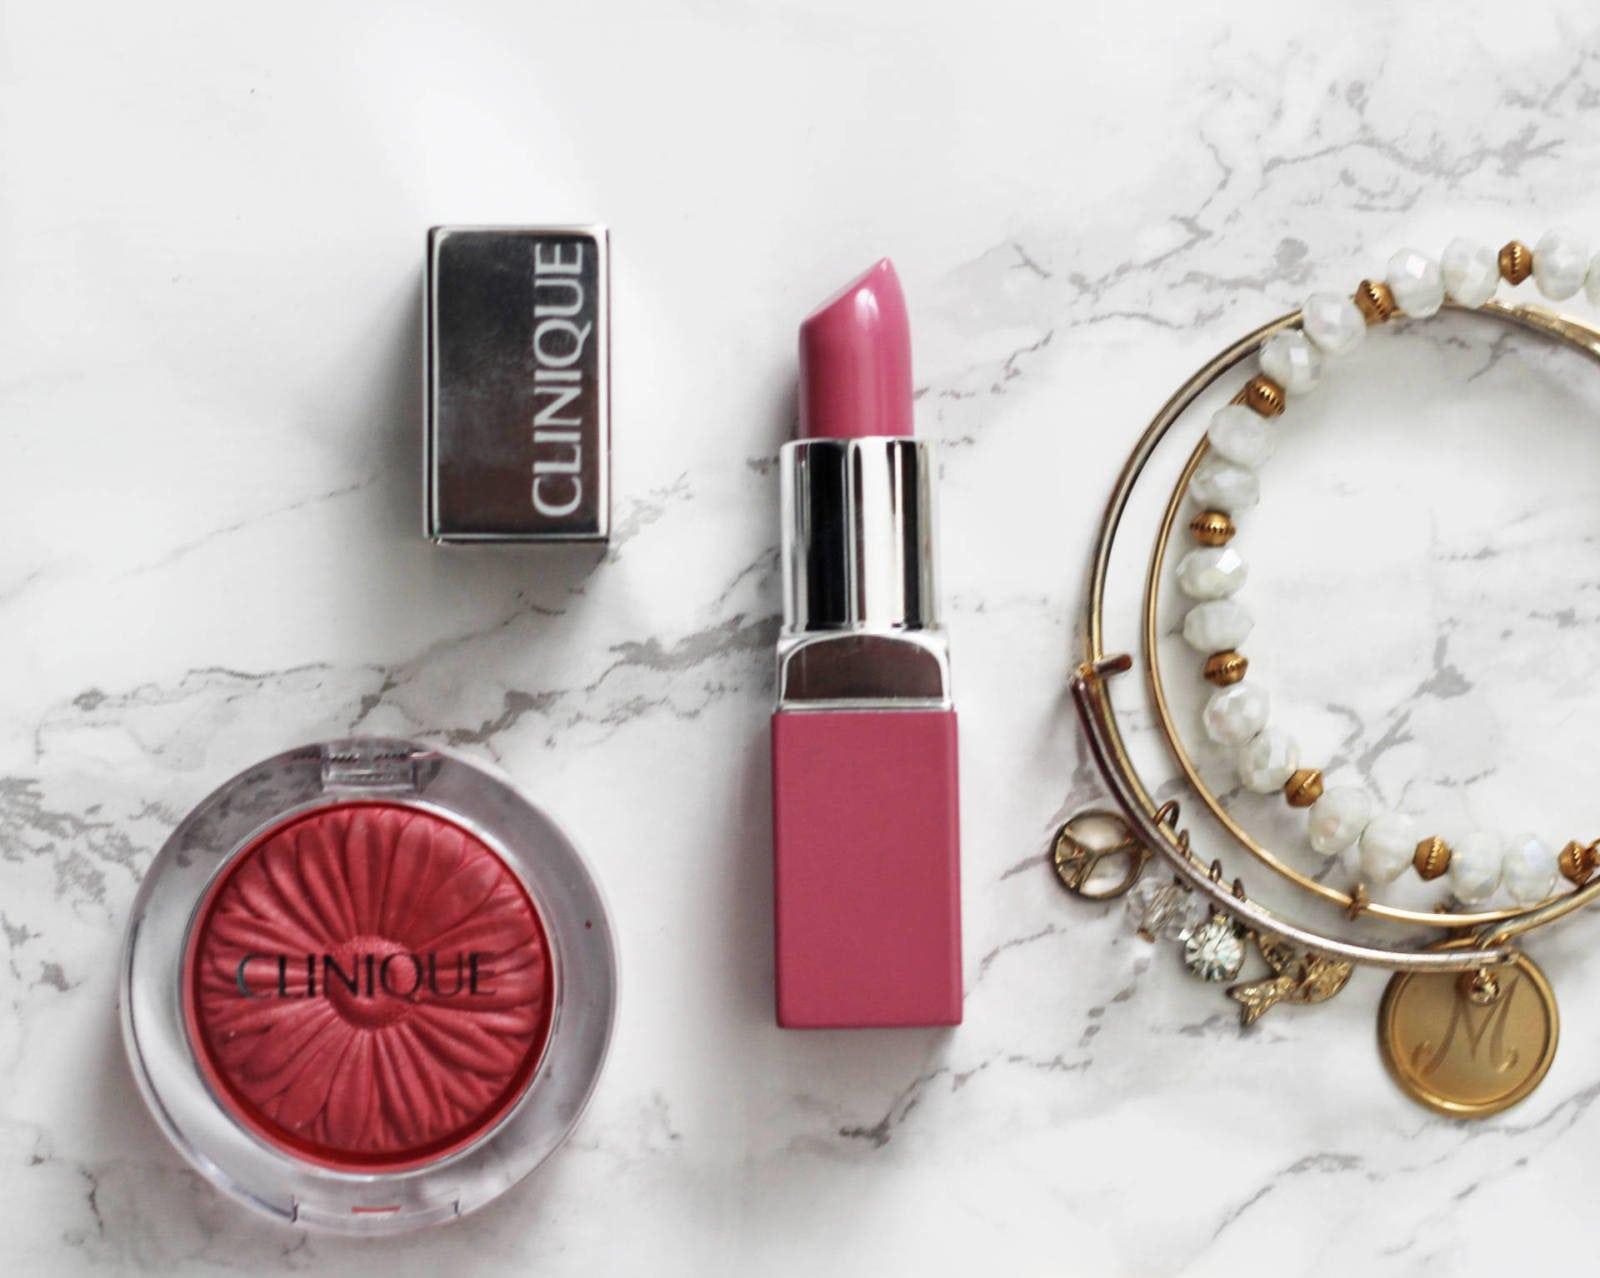 Mash Elle makeup hacks you should know   makeup hacks   healthy skin   makeup and skincare tips   Mash Elle beauty blogger